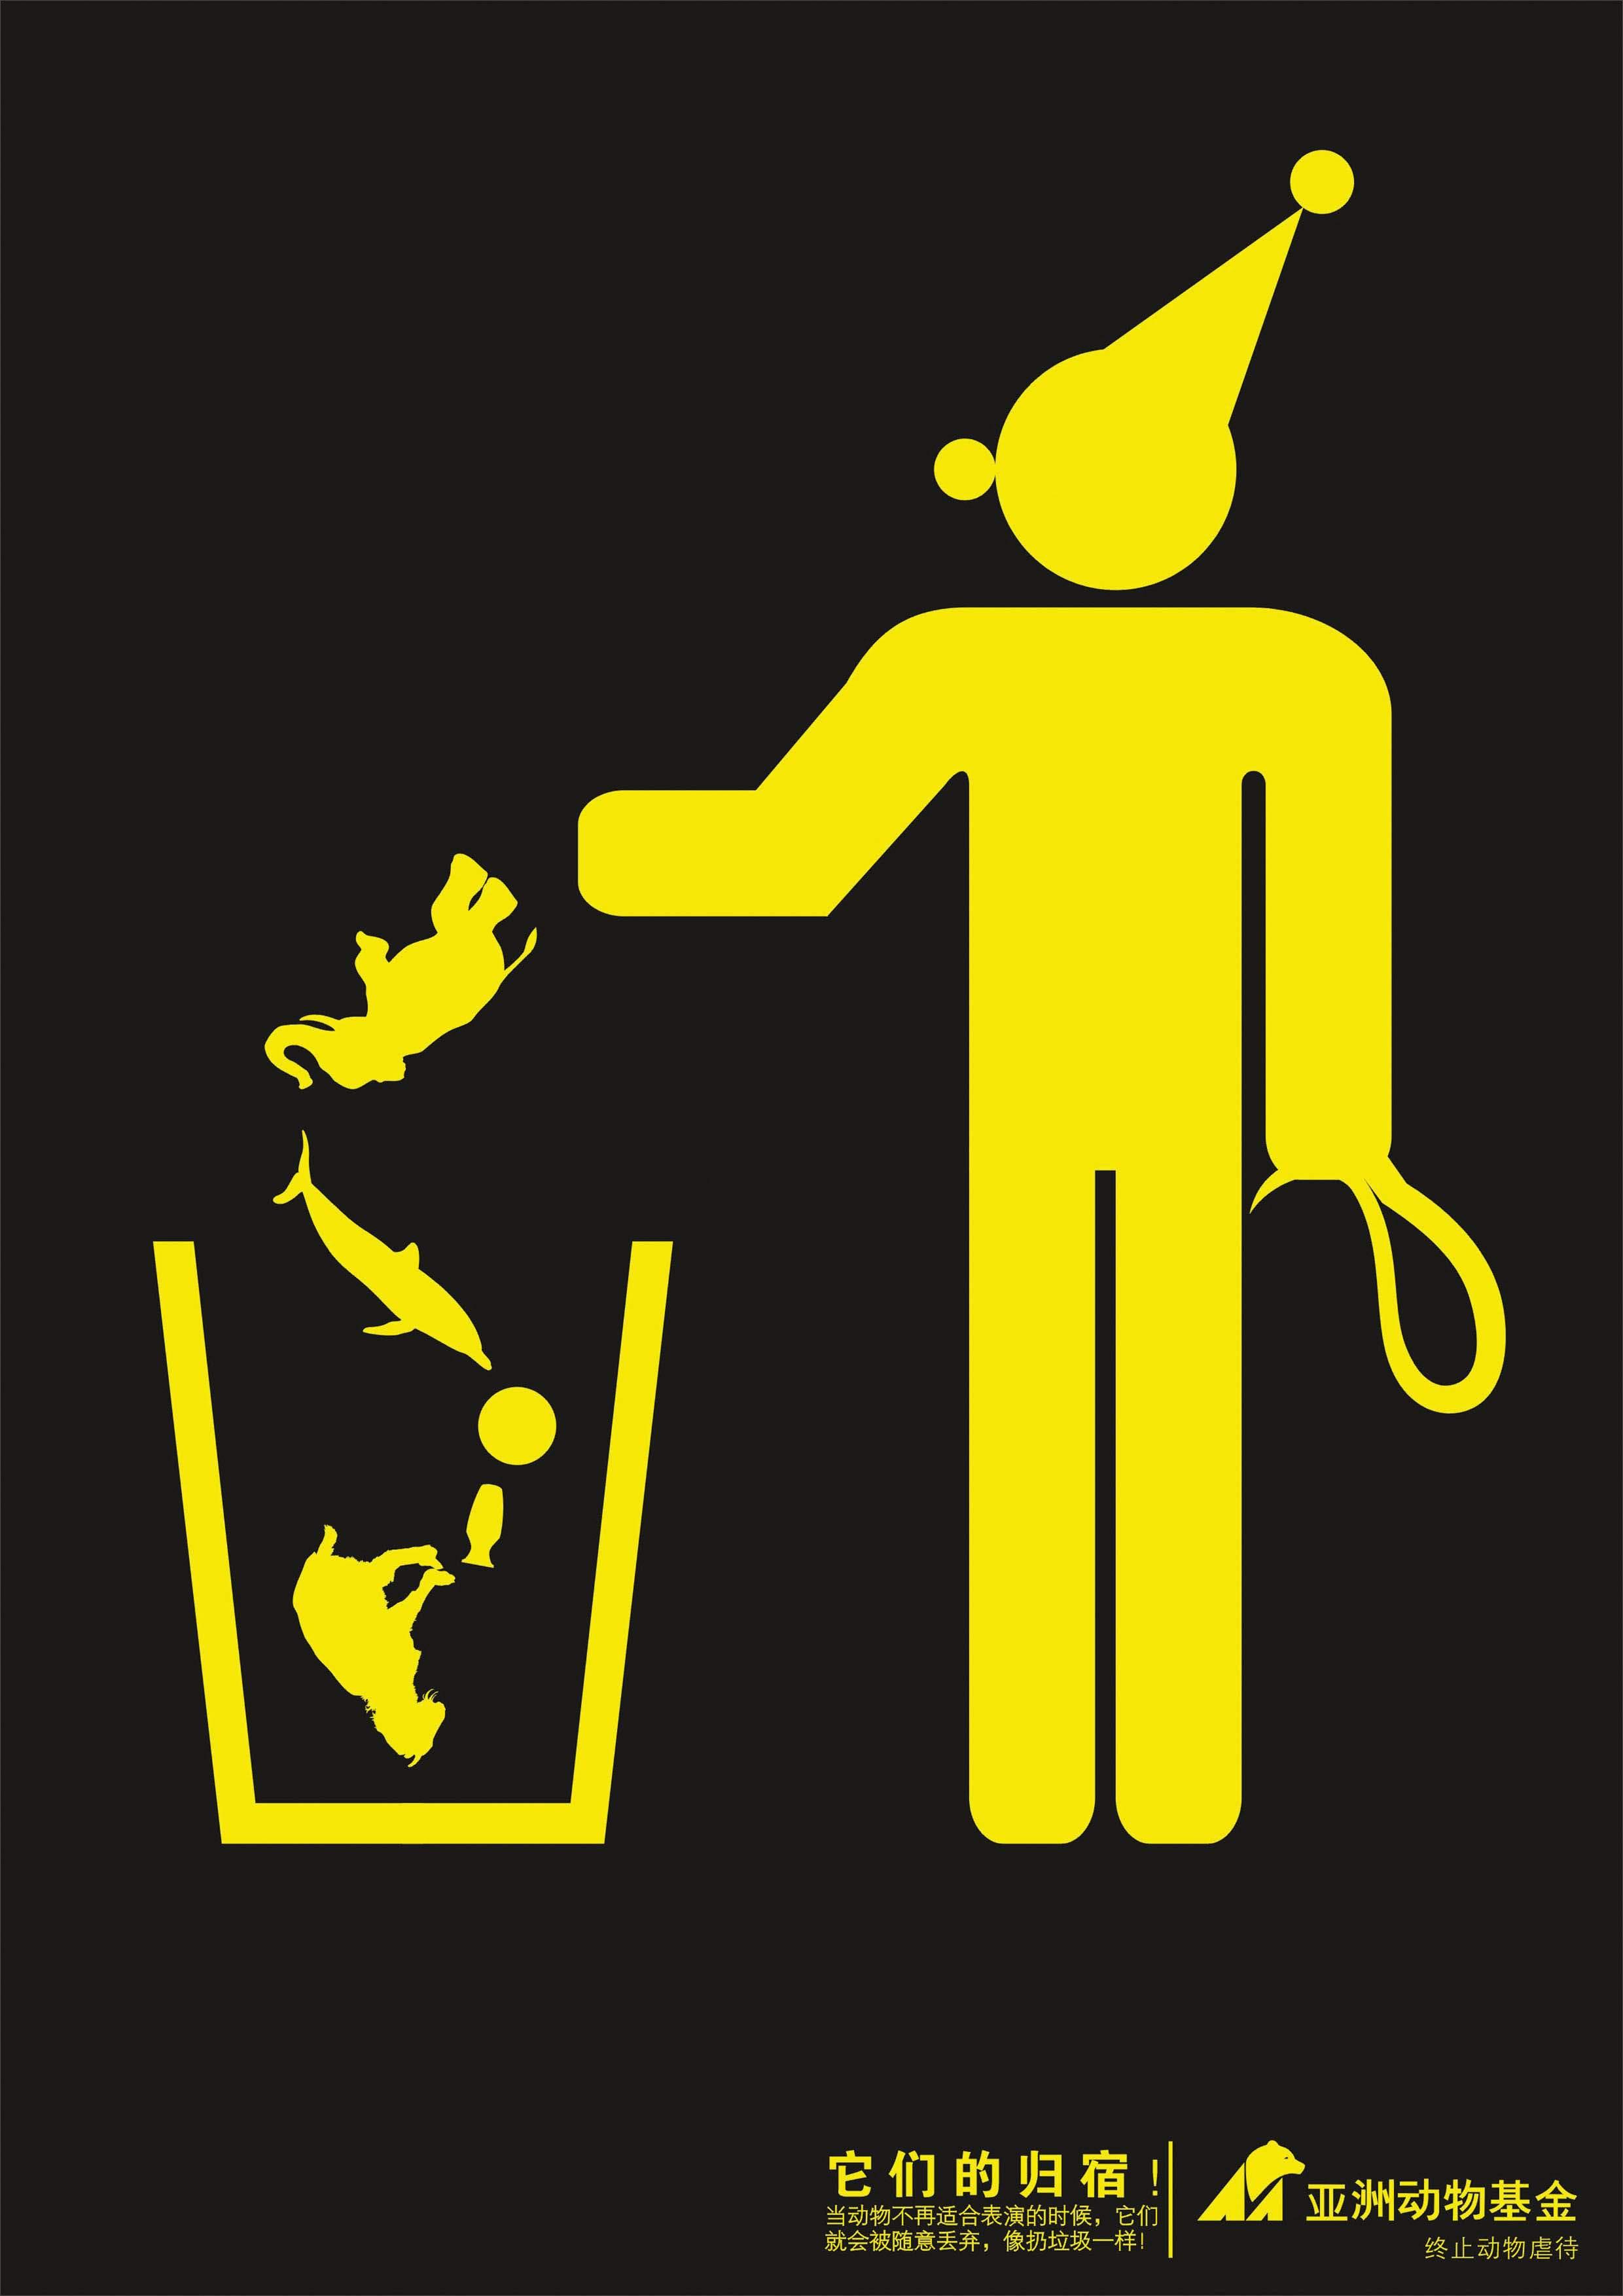 表演的动物被像扔垃圾一样随意丢弃,简洁的画面表现深刻